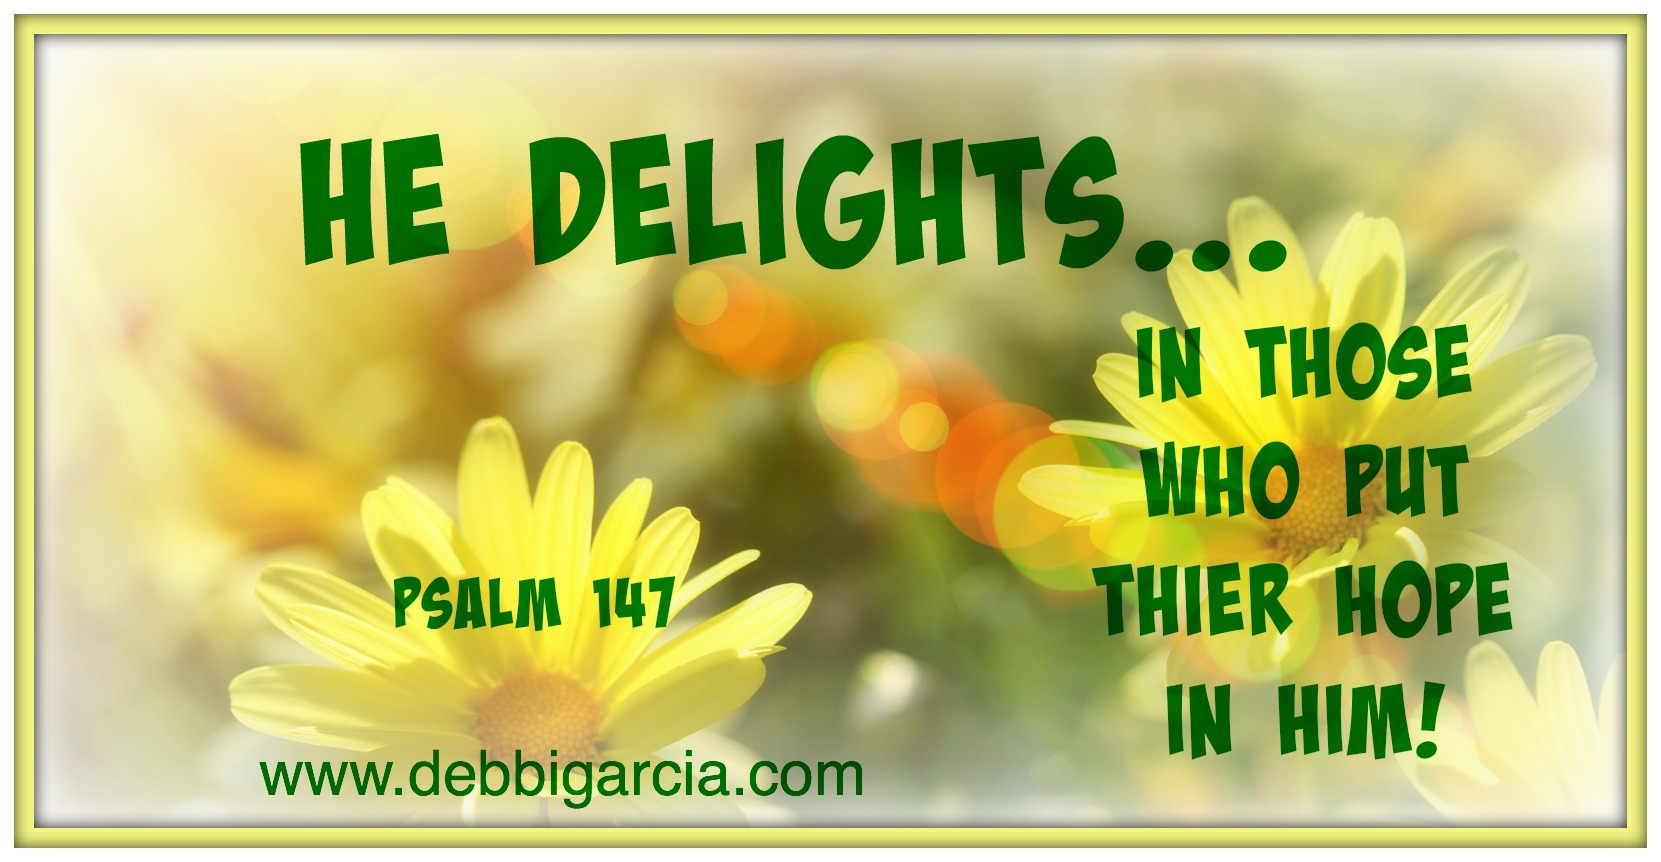 He Delights